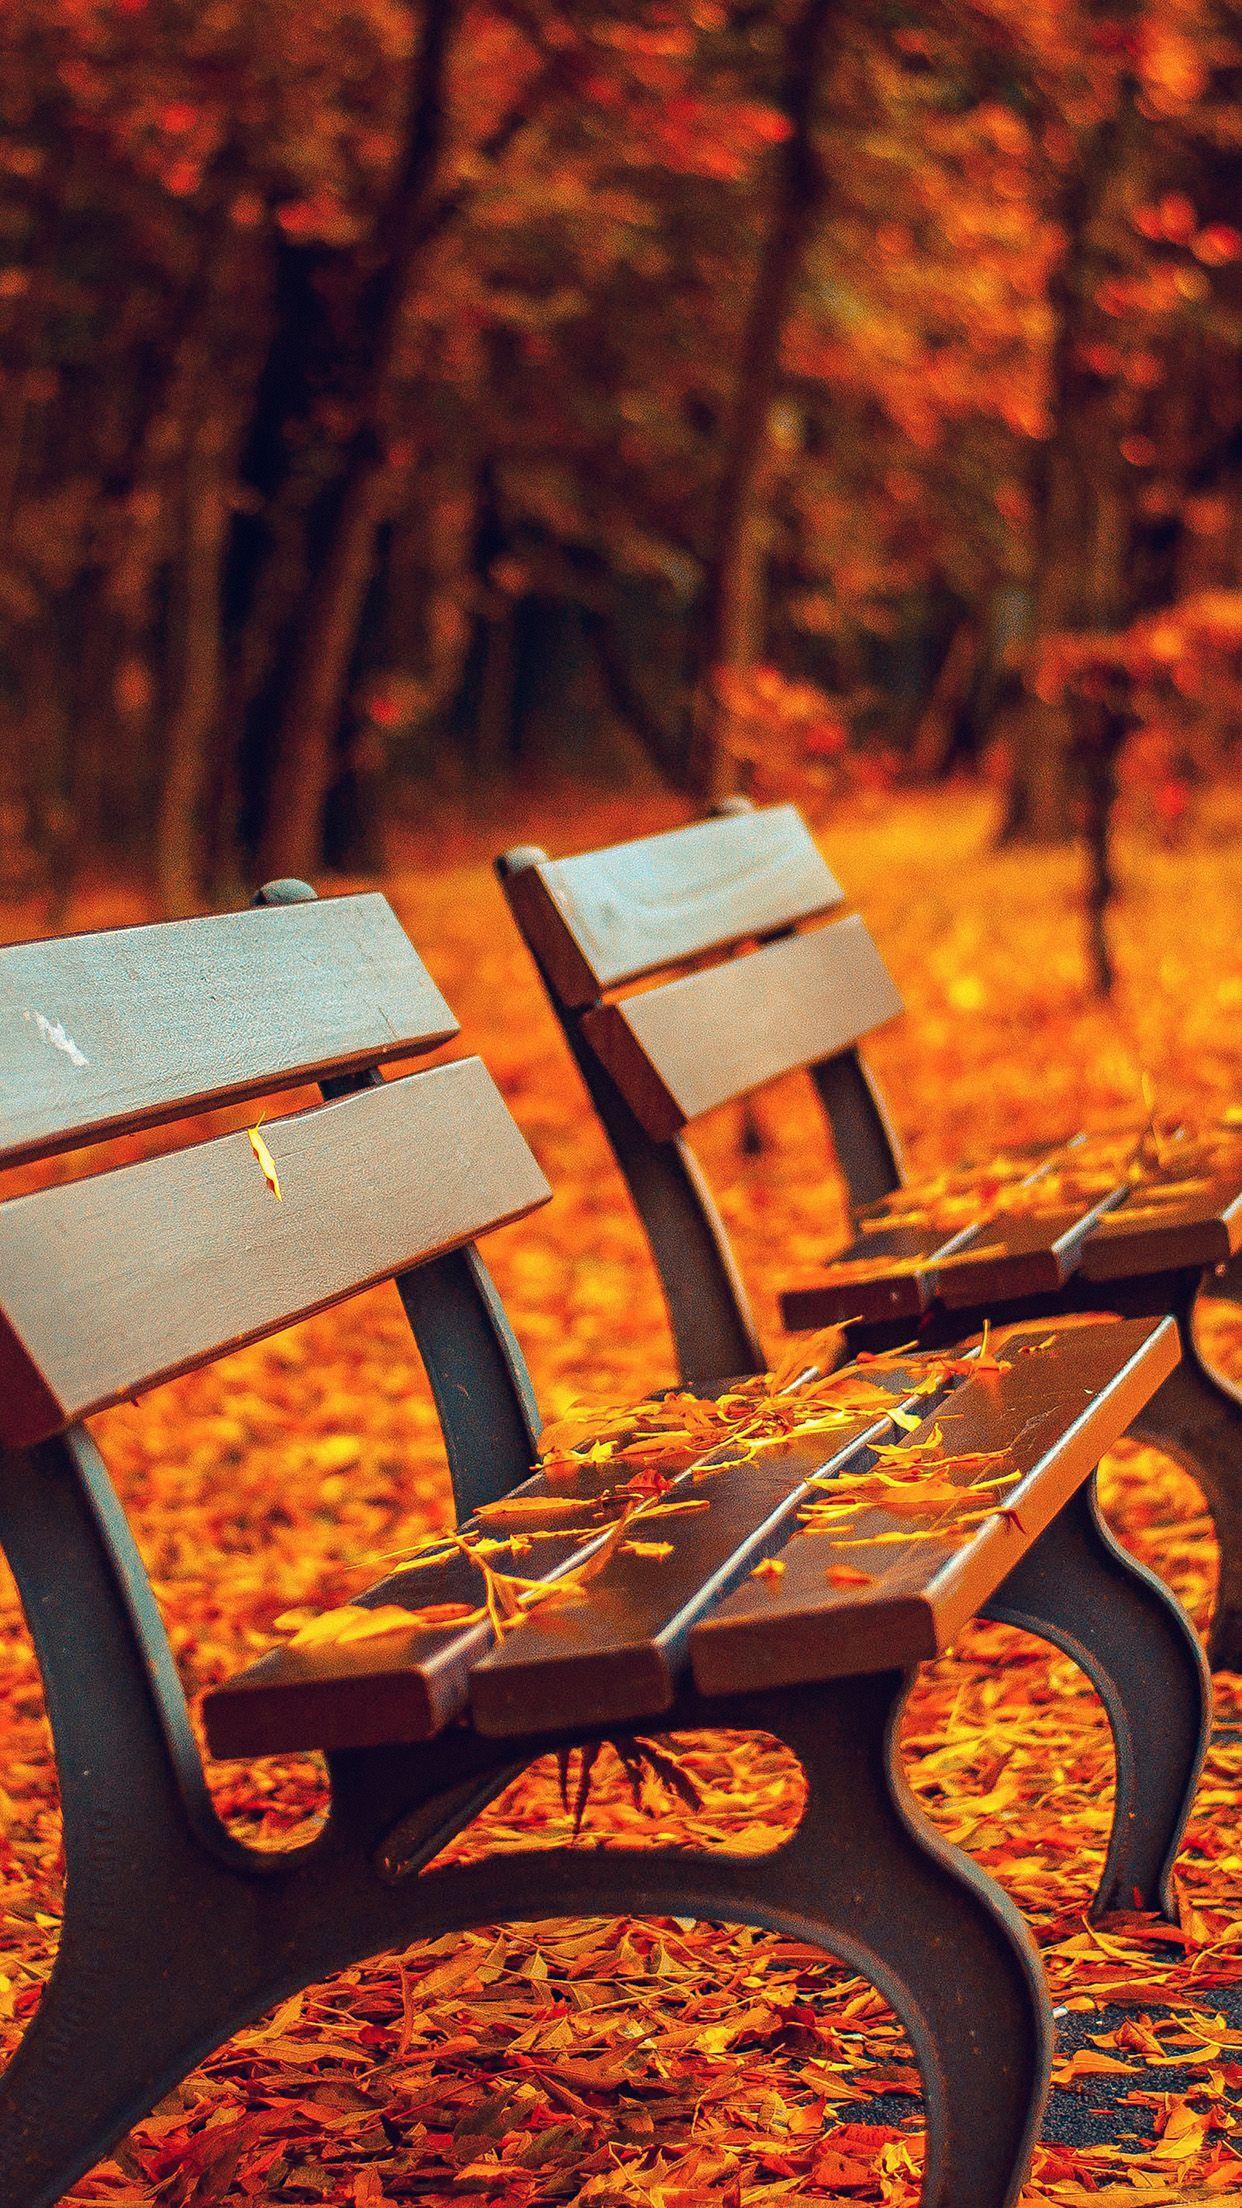 1242x2208 Hình nền mùa thu đẹp nhất dành cho iPhone của bạn.  Chia sẻ tin tức